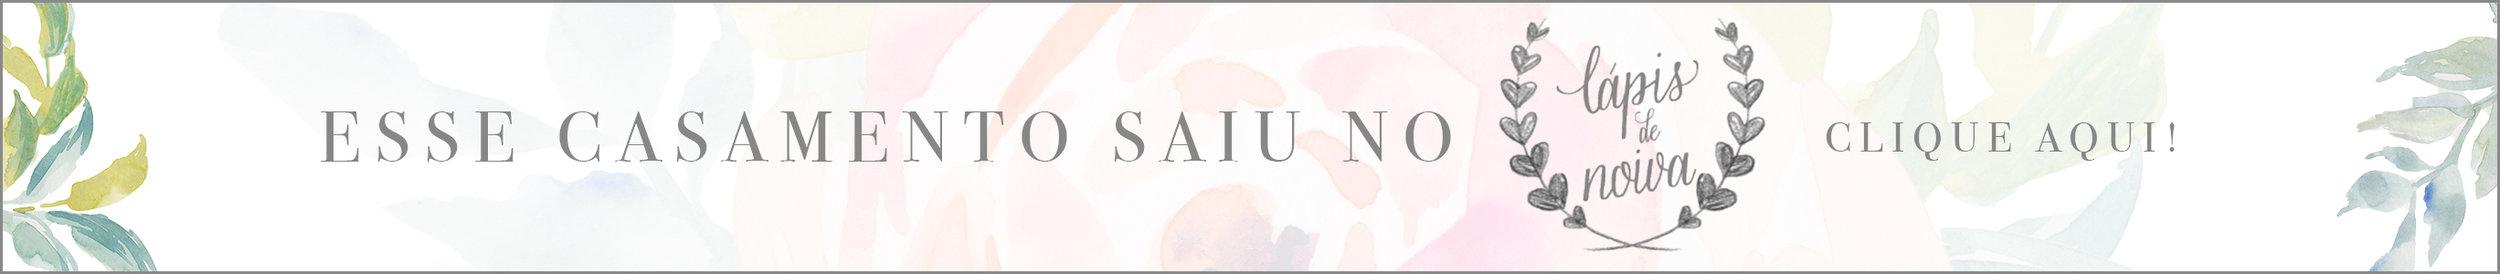 banner lapis site.jpg